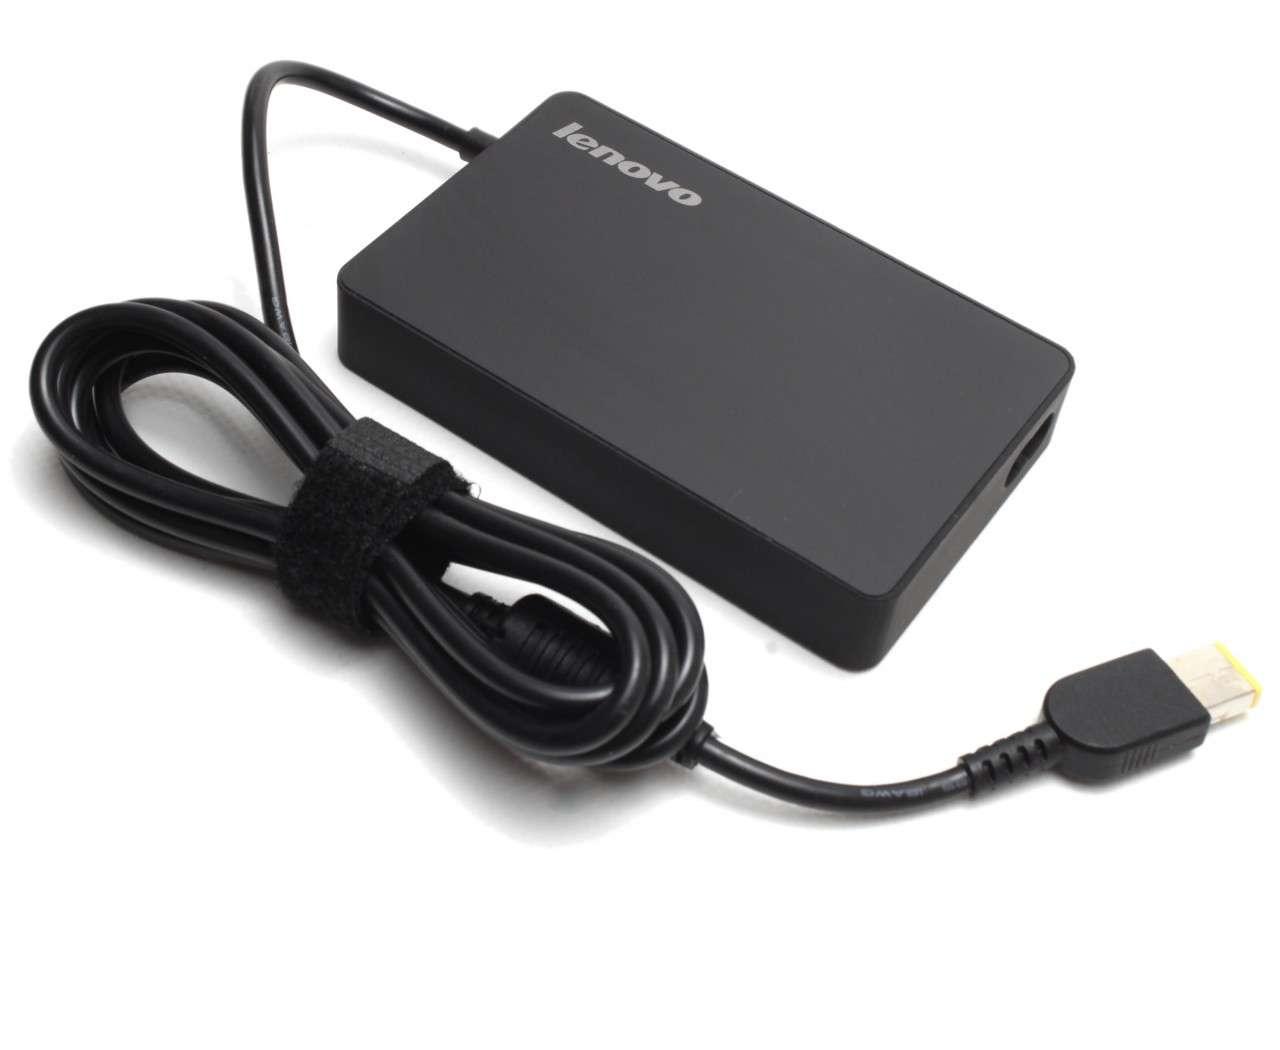 Incarcator Lenovo ThinkPad E460 65W imagine